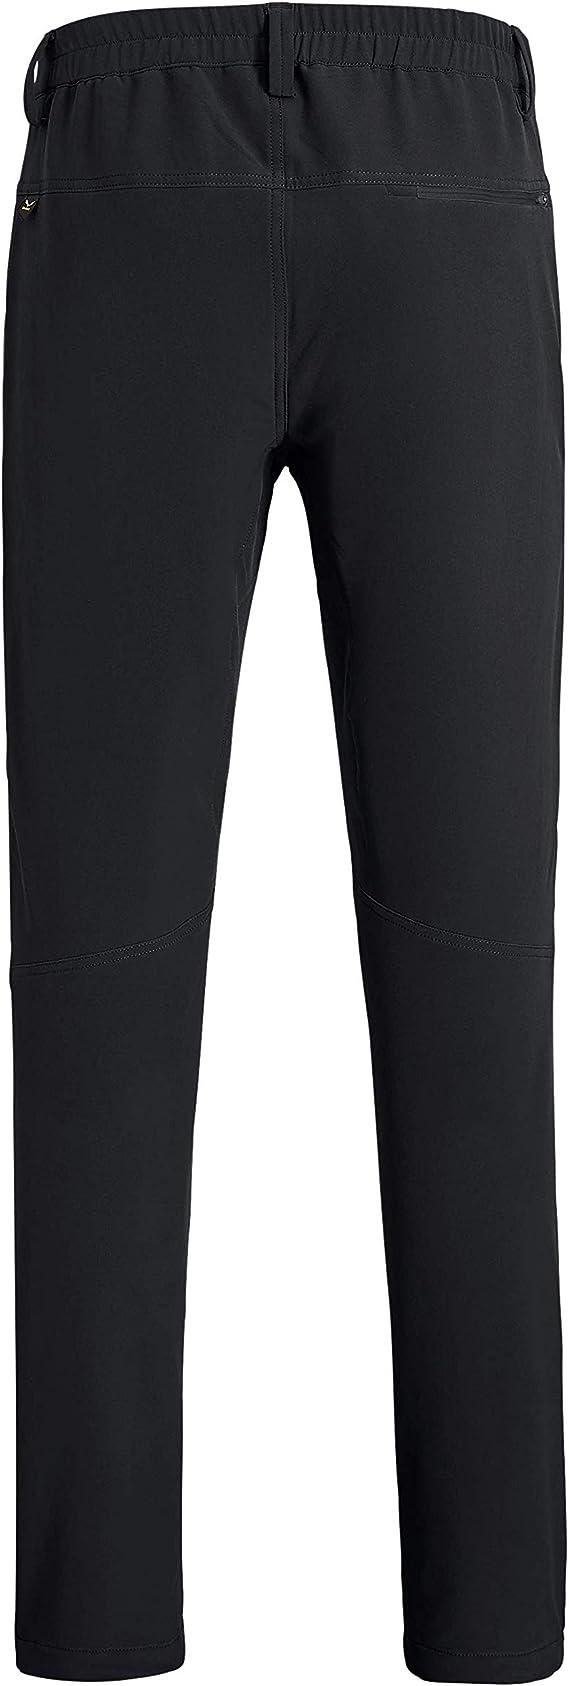 Taglia 94 Pantalone da Uomo SALEWA Puez SW M Lon Pnt Colore Nero